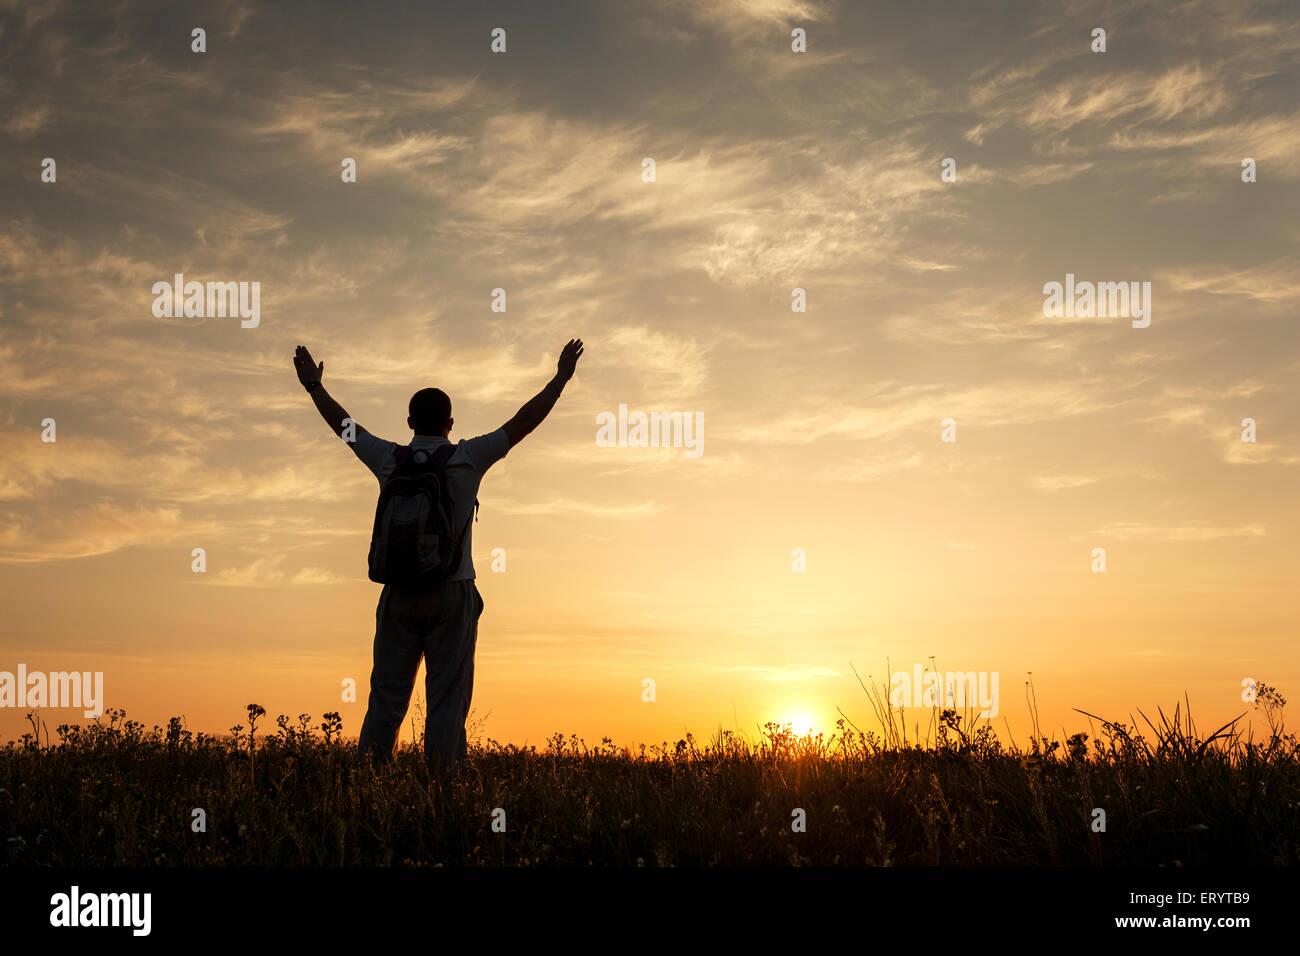 Silhouette di uomo con braccia alzate in alto e bellissimo cielo. Elemento di design. Tramonto d'estate. Sfondo Immagini Stock